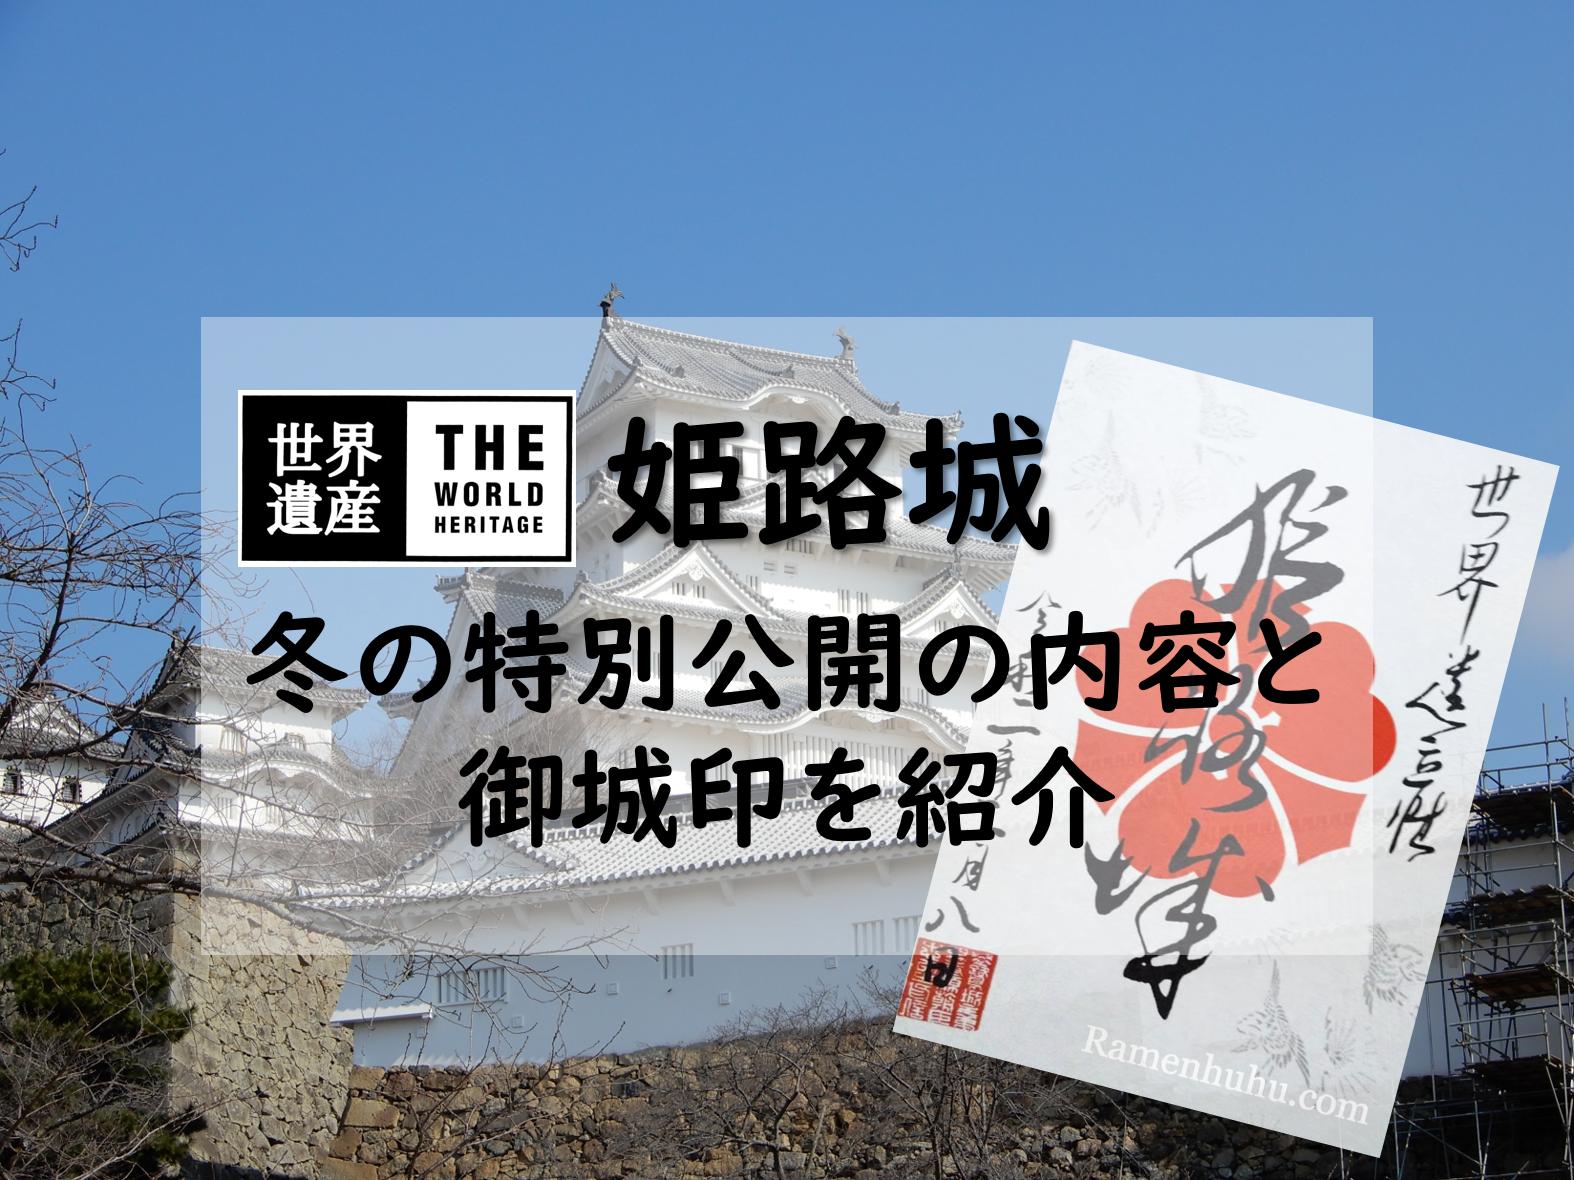 【写真でわかる姫路城】登城した気分になれる!冬の特別公開と御城印も紹介【65枚】